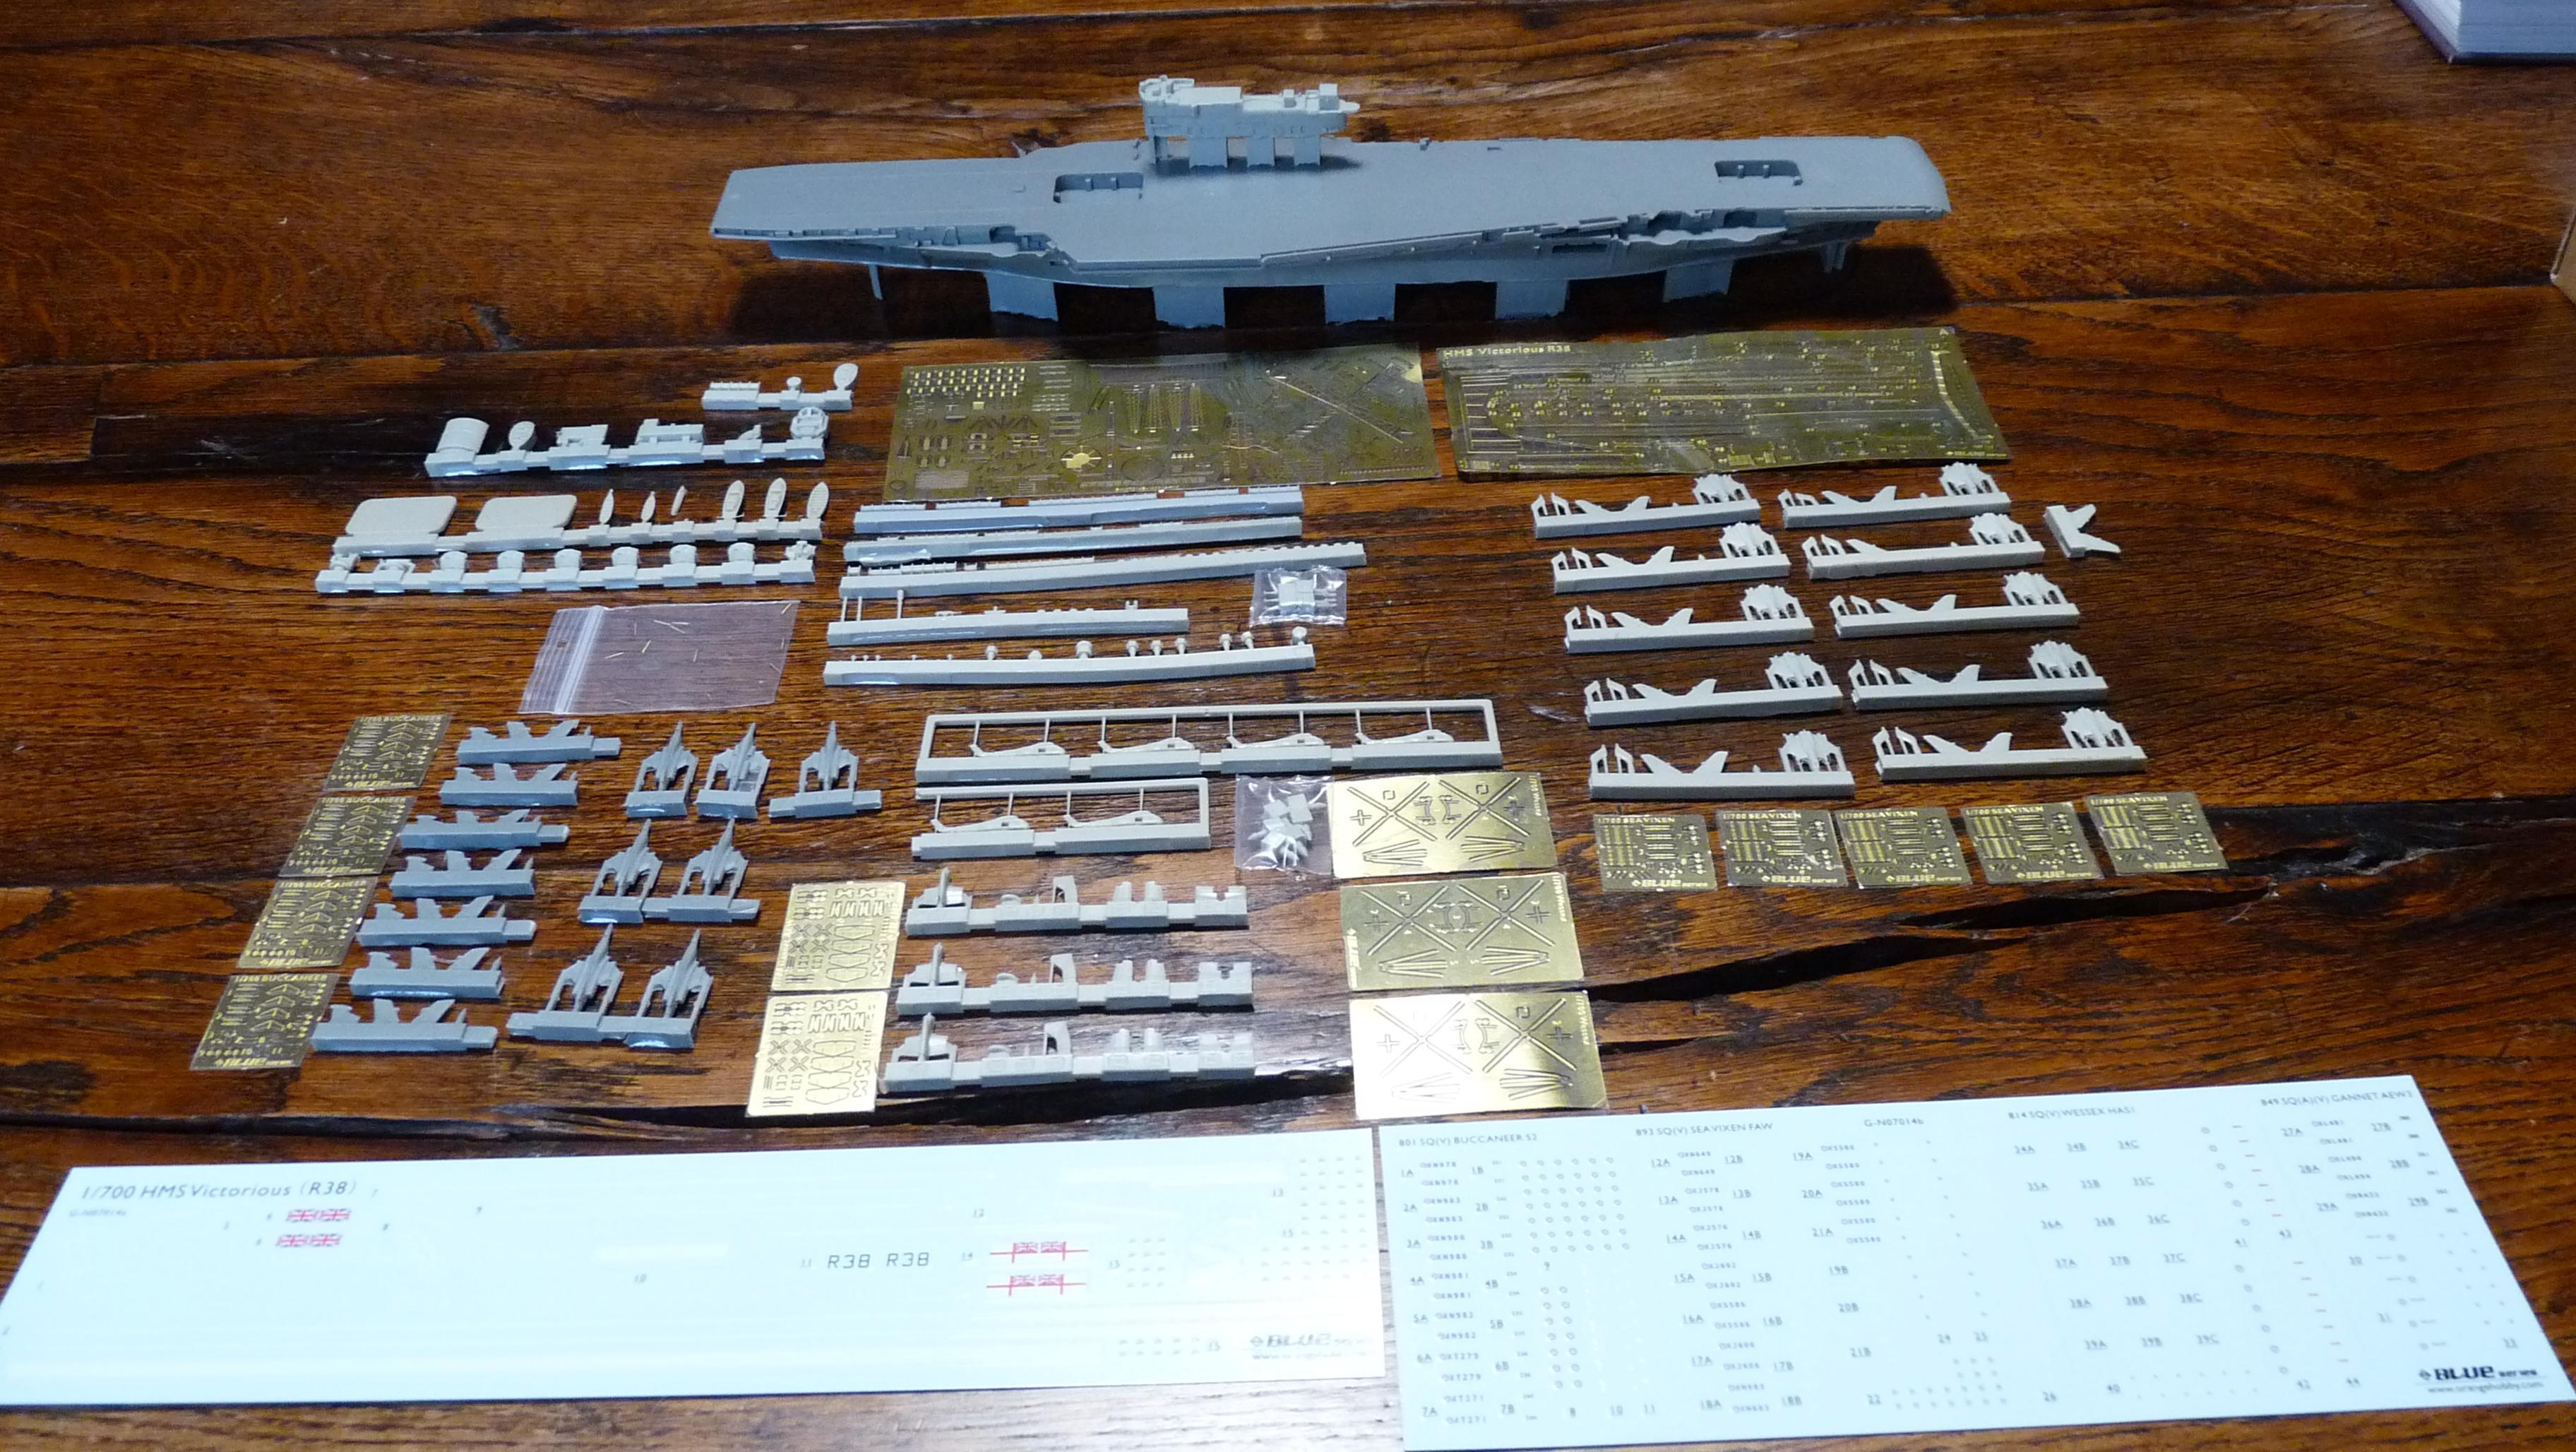 [HMS Victorious après refonte] 1/700e maquette Orange Hobby 17072112581723134915159396